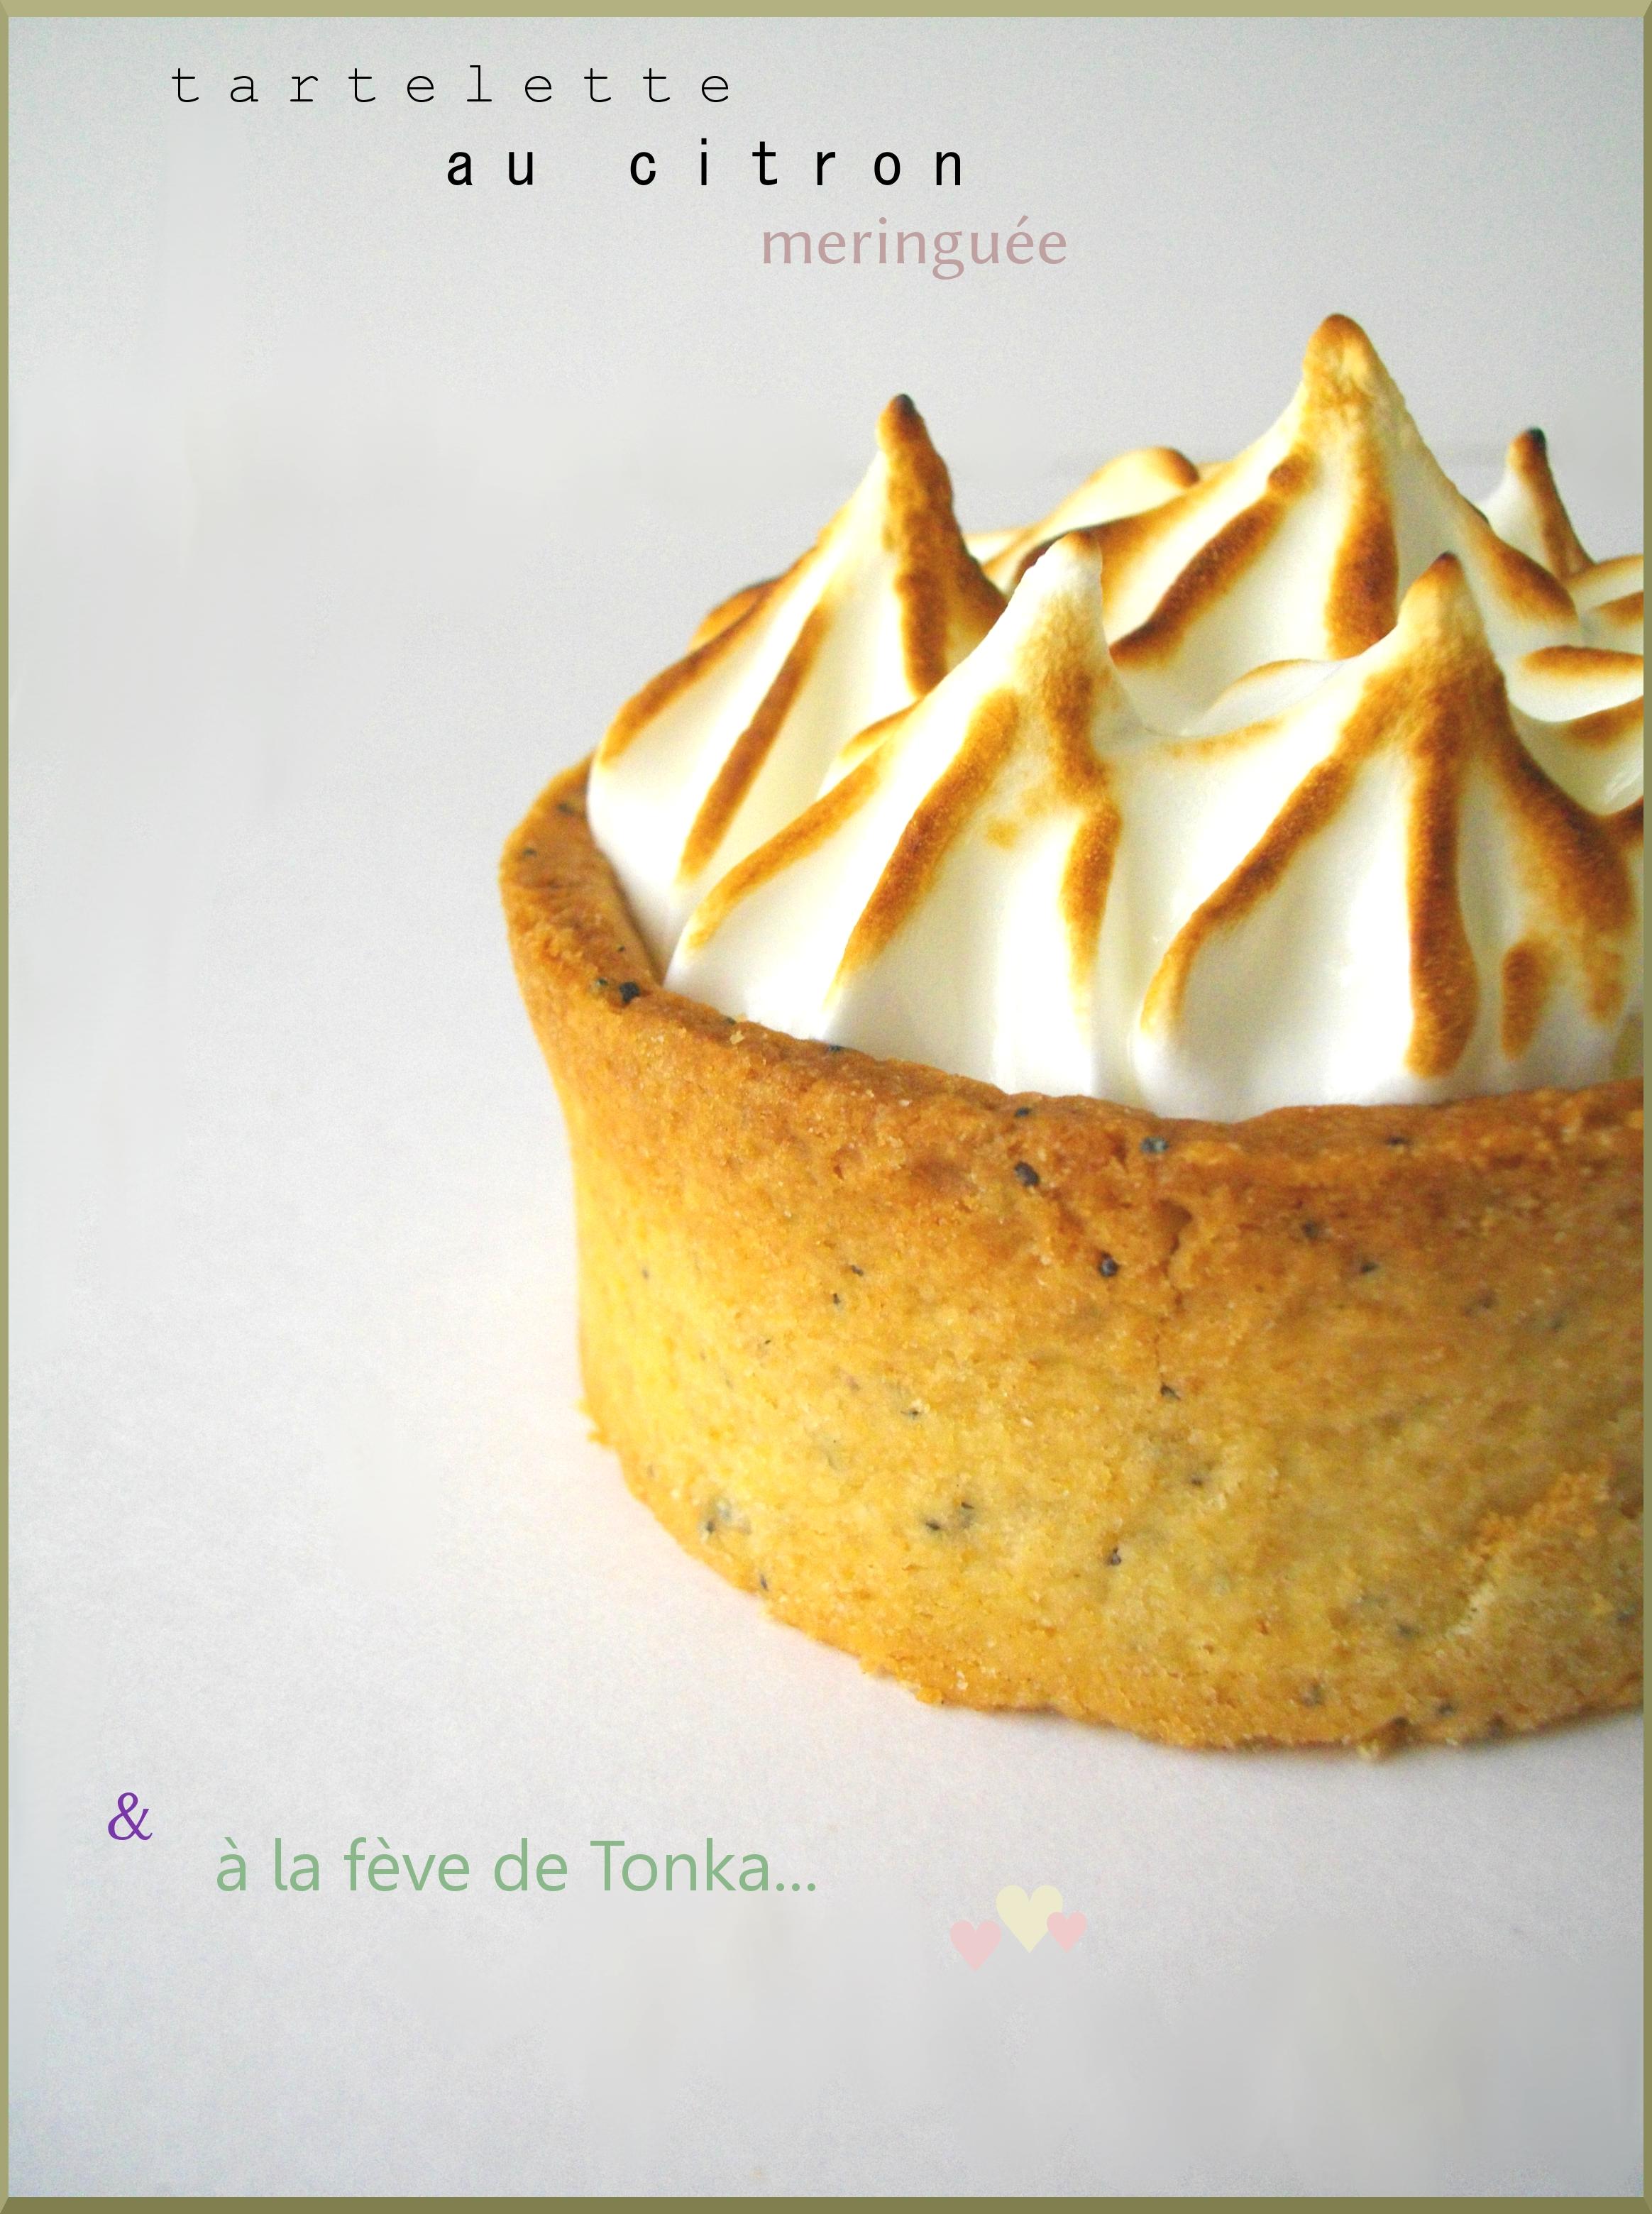 Tartelettes au citron meringuée & à la fève de Tonka ♥